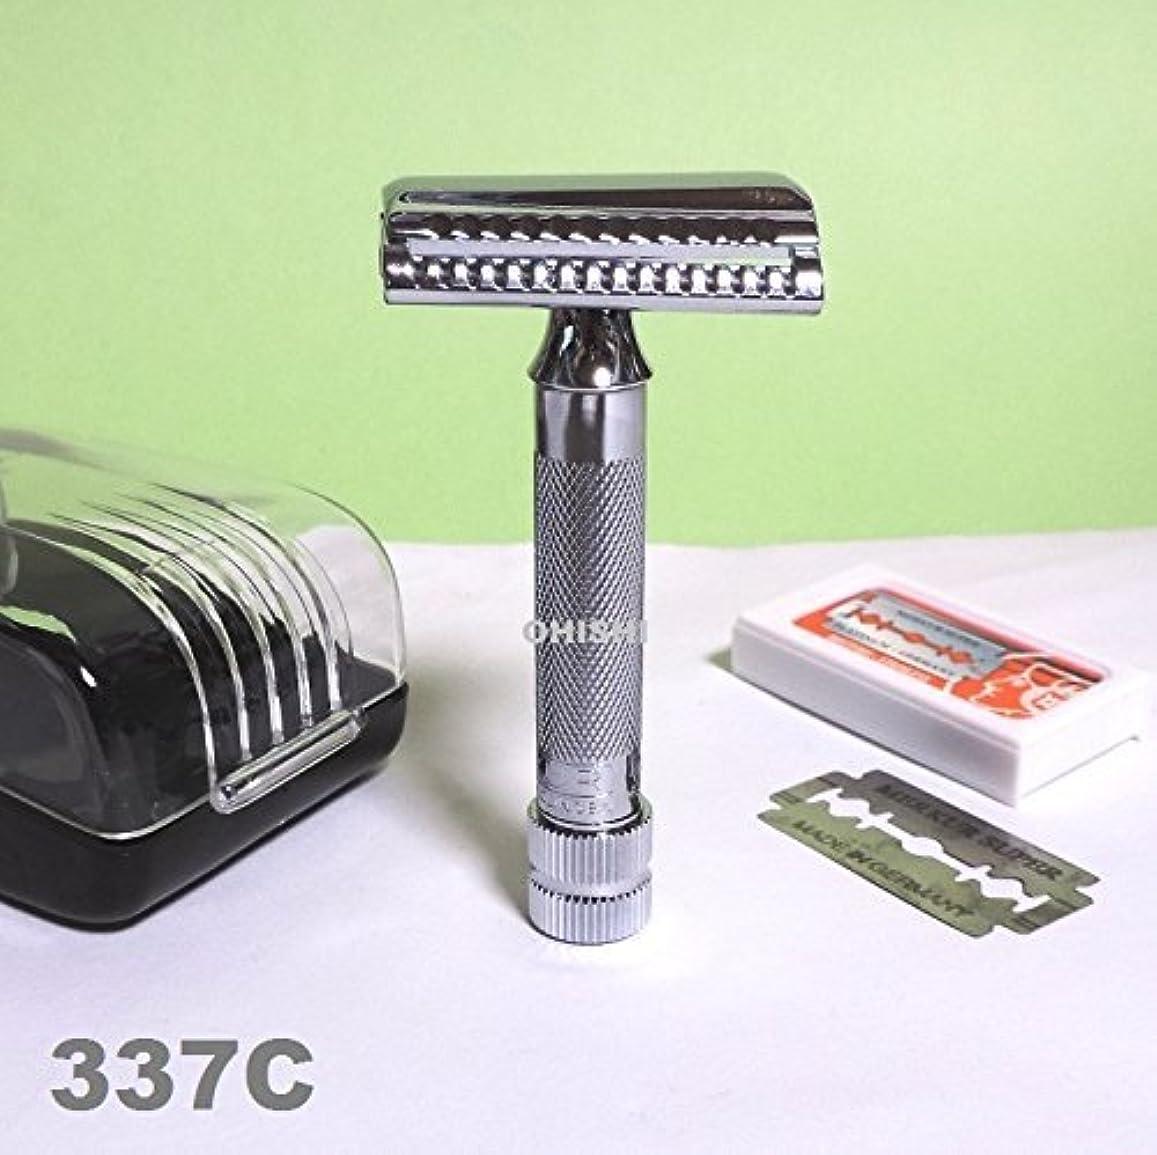 マーティンルーサーキングジュニアリーク判決メルクールMERKUR(独)髭剃り(ひげそり)両刃ホルダー ツイストヘッド337C (替刃11枚付)プラケース入